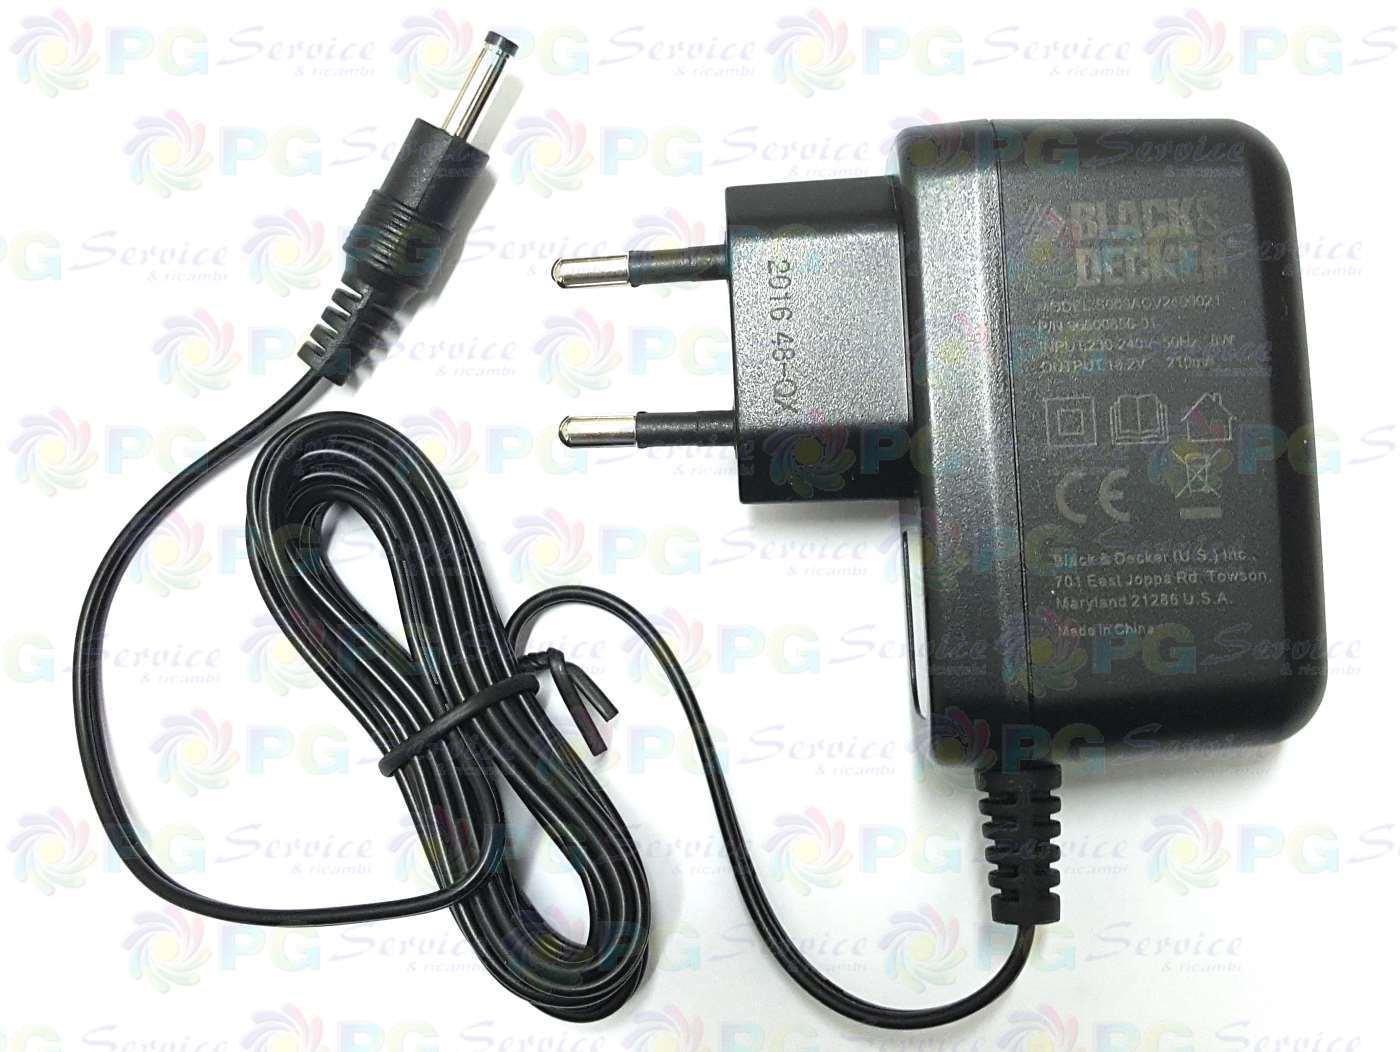 Black /& Decker Chargeur Alimentation 14.4/V AST14/cd14/C epc14/EPC146/kC14